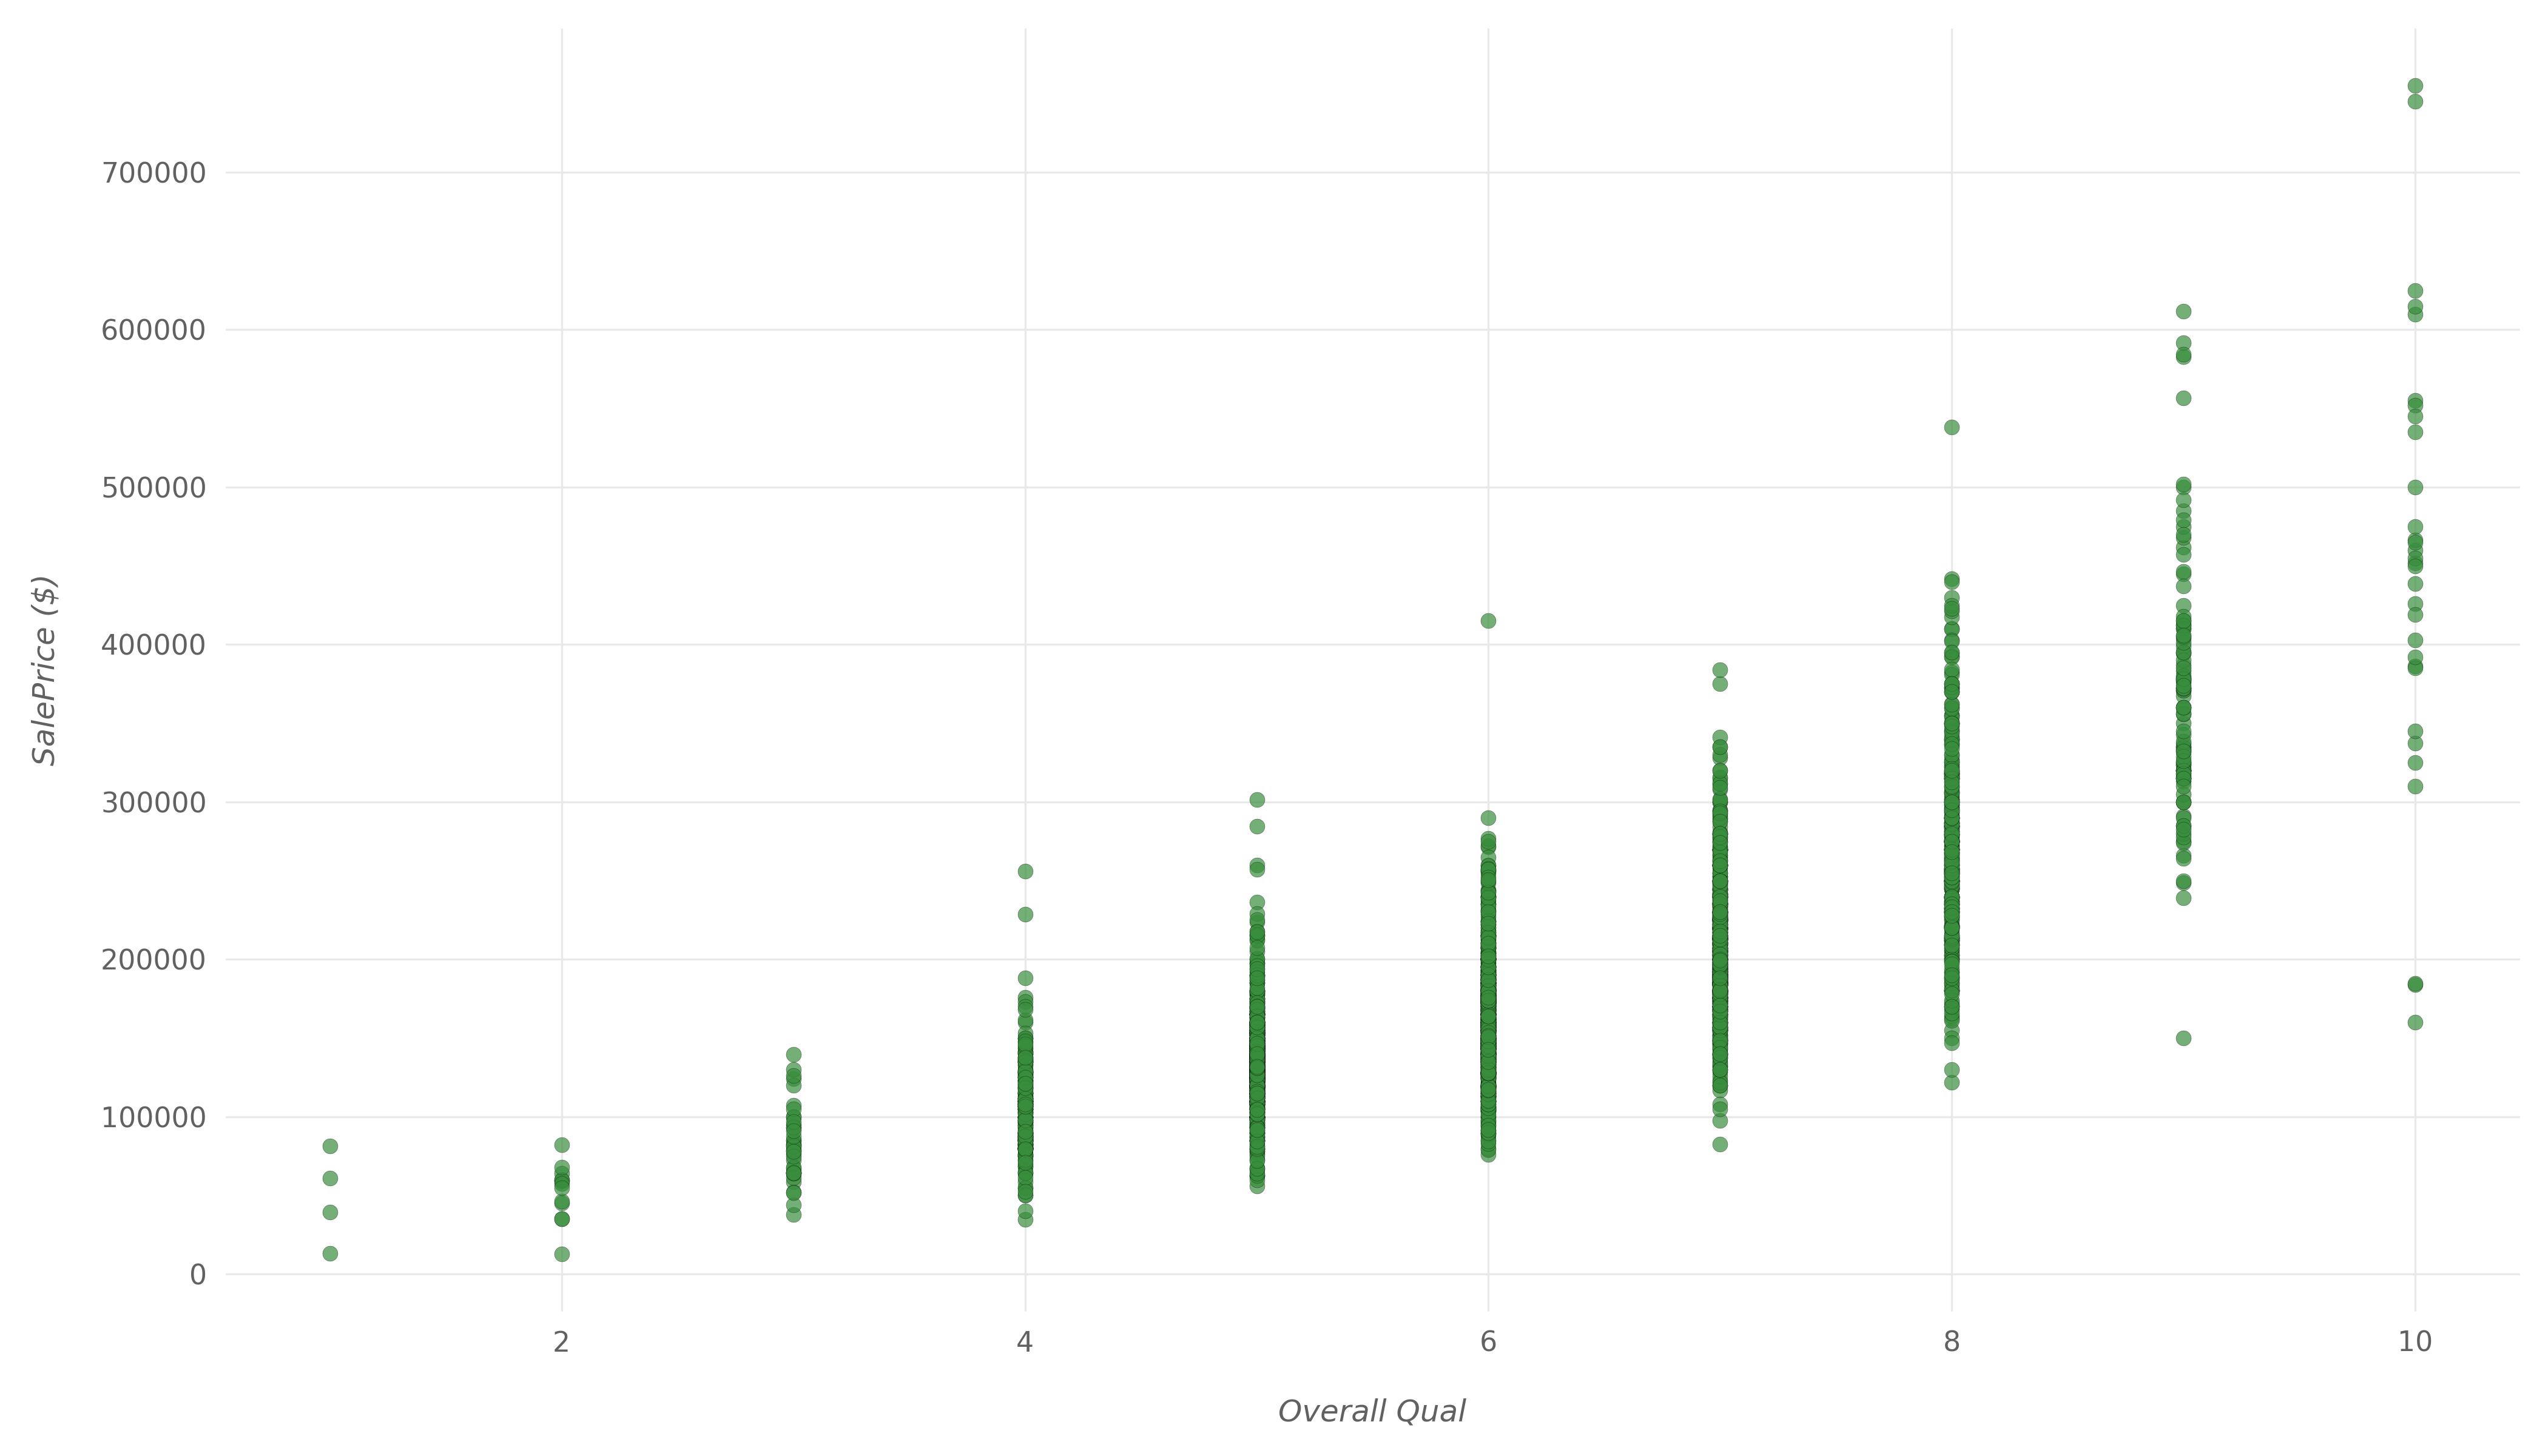 график рассеяния с высокой корреляцией